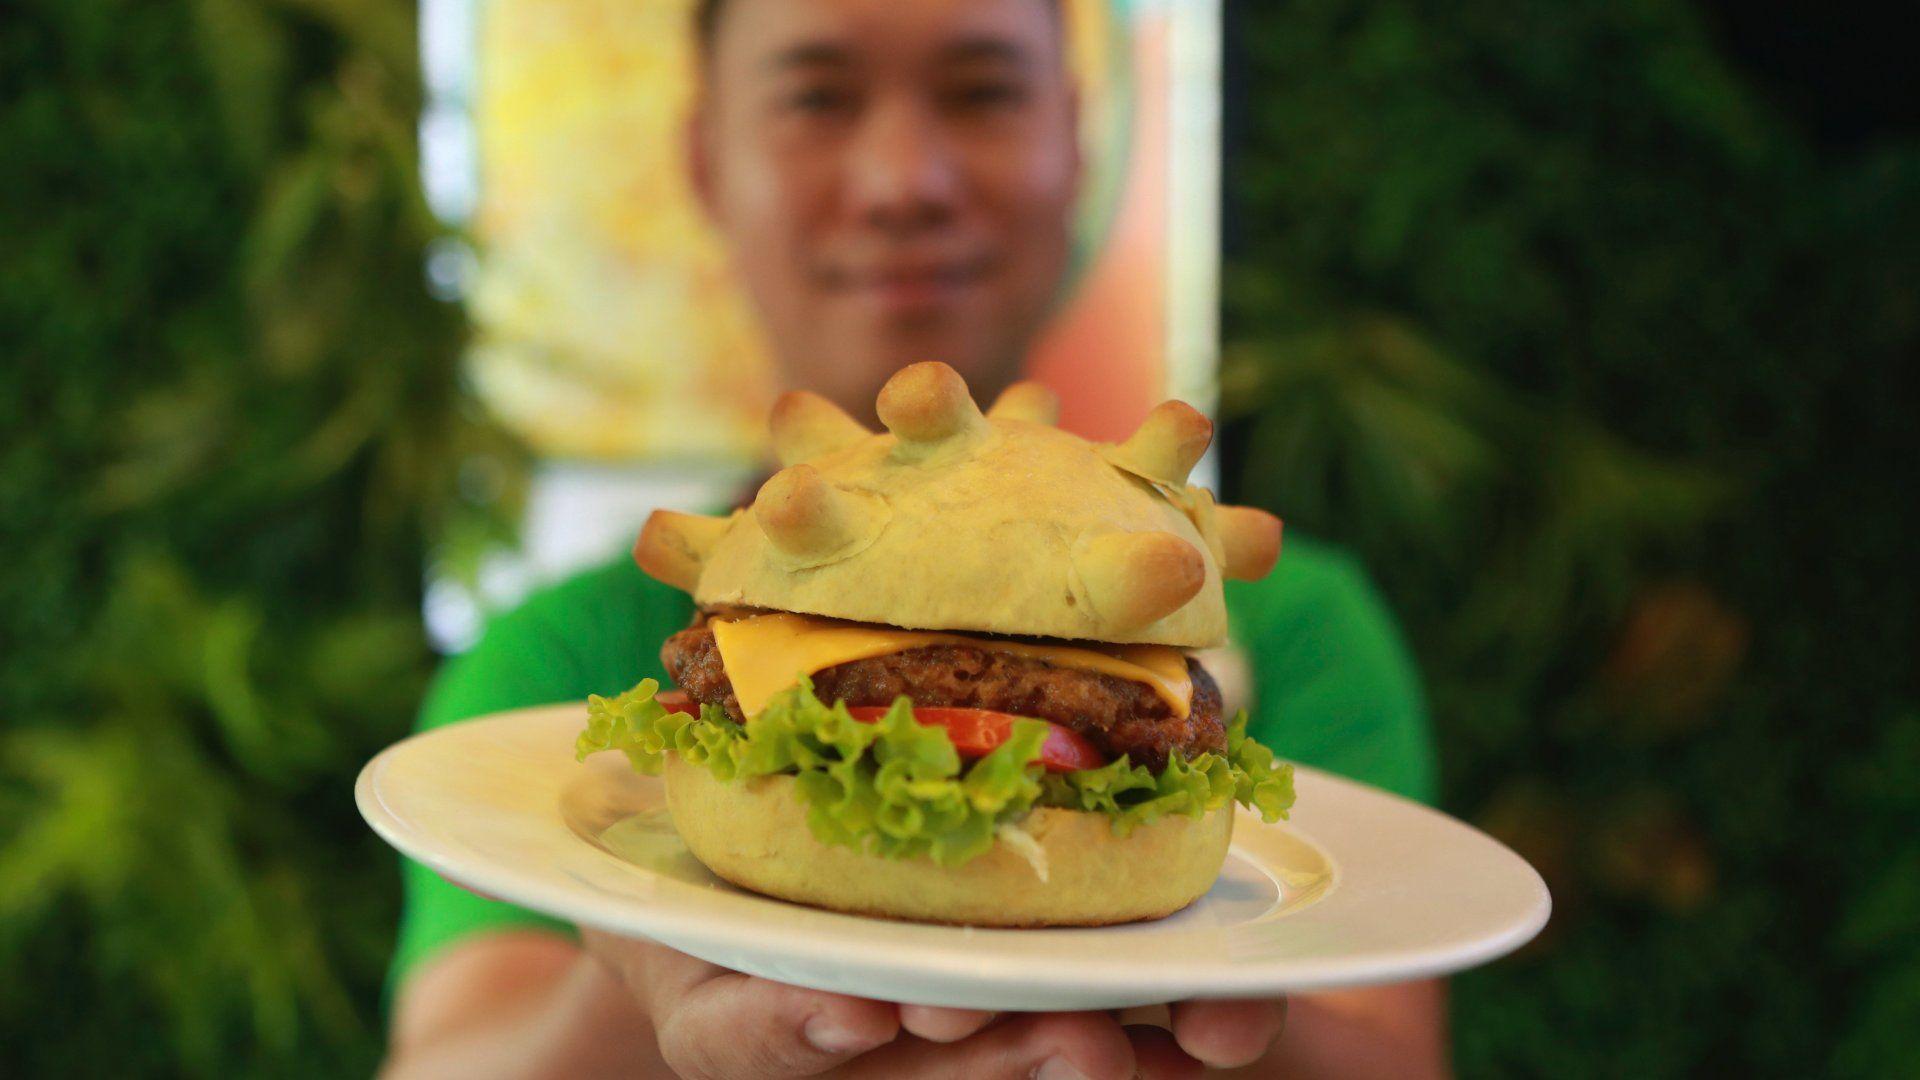 Tüskés labdához hasonlító, koronavírus-hamburgert készítettek egy hanoi étteremben 2020. március 25-én (Fotó: MTI/AP/Hau Dinh)